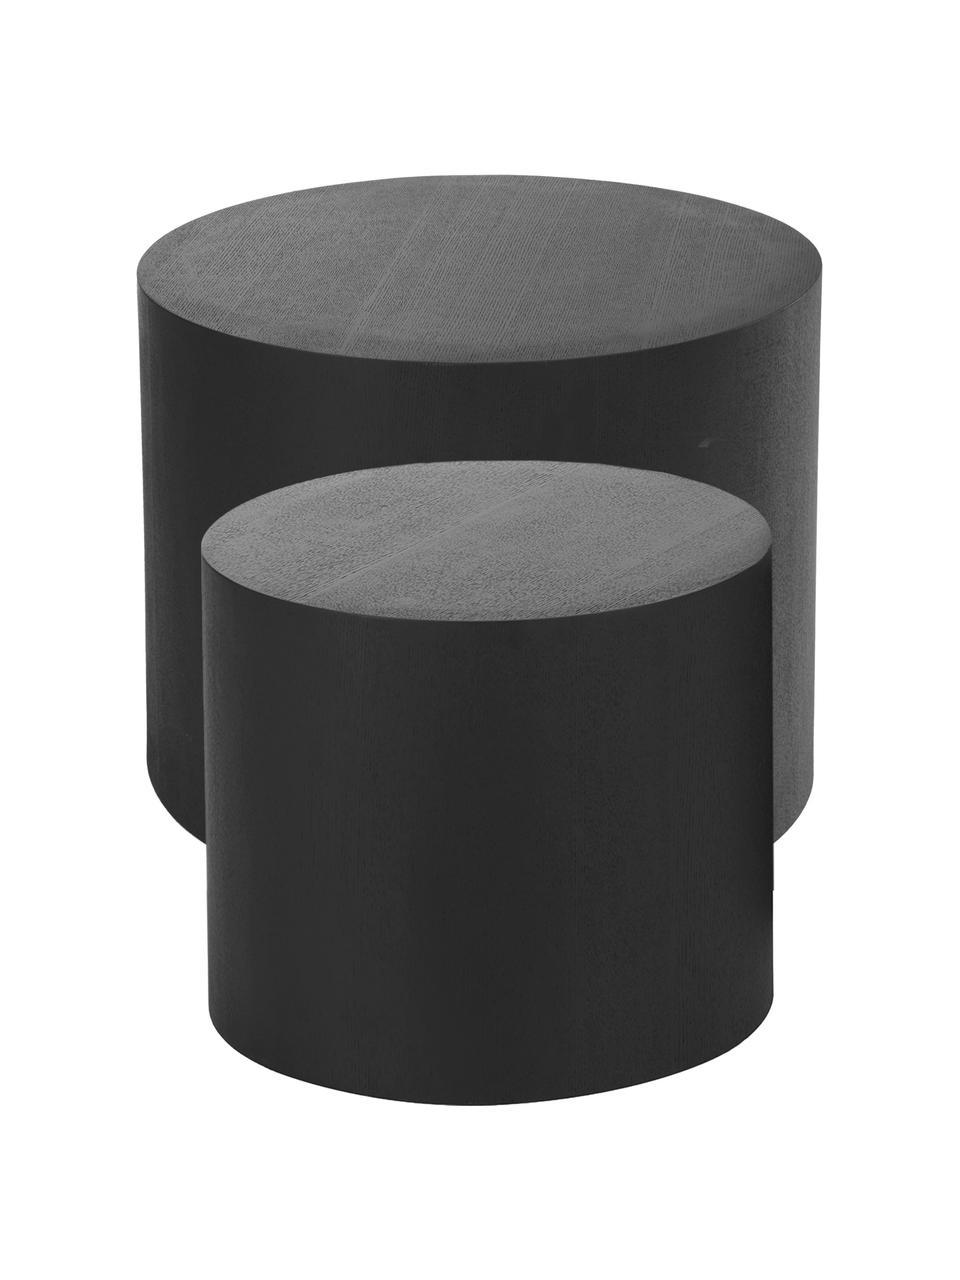 Komplet stolików pomocniczych z drewna Dan, 2 elem., Płyta pilśniowa (MDF) z fornirem z drewna jesionowego, Czarny, Komplet z różnymi rozmiarami